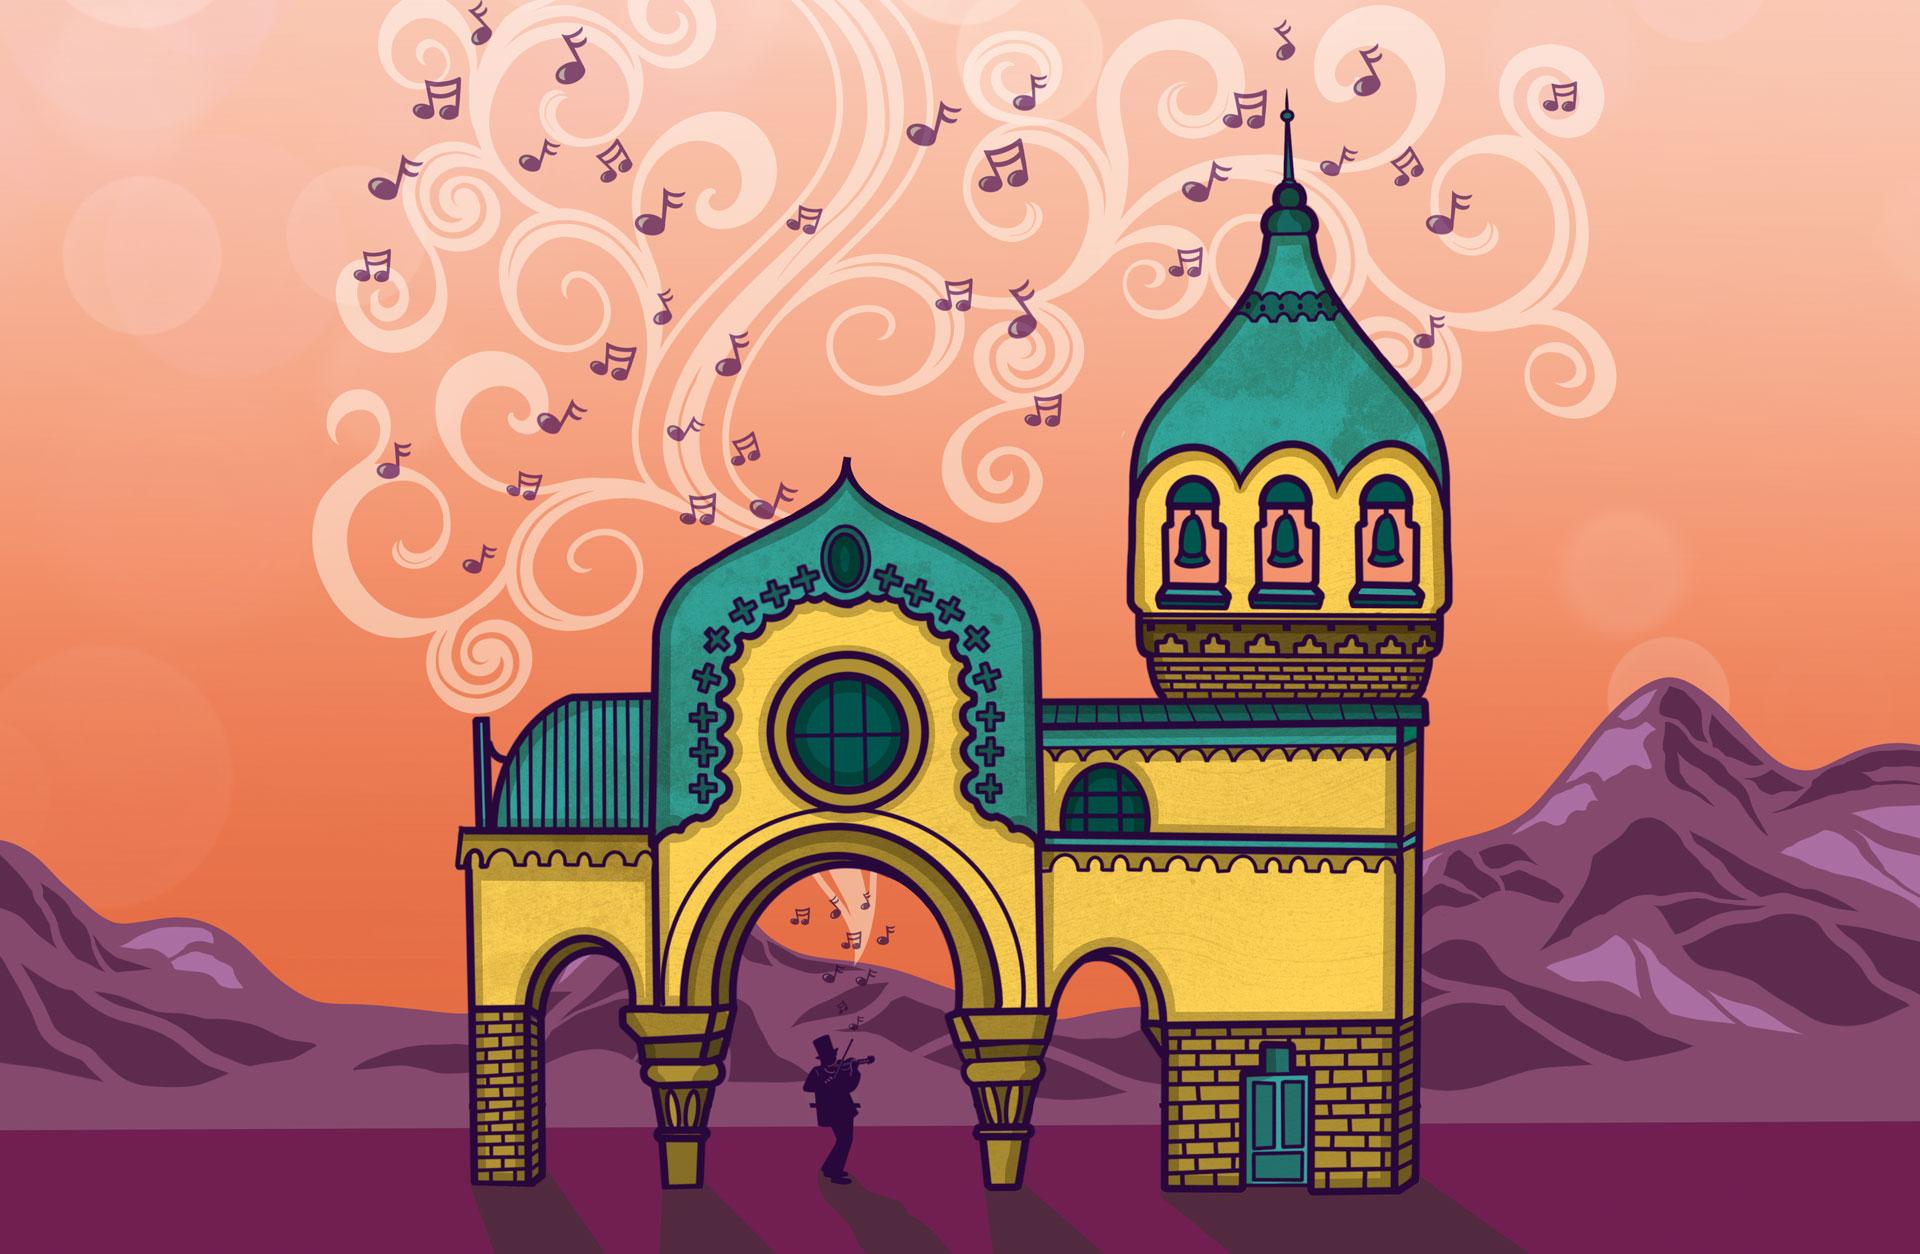 Illustration av hus med kupoler mot en bakgrund av berg och himmel, med noter som strömmar upp från en person som står i ett valv och spelar.